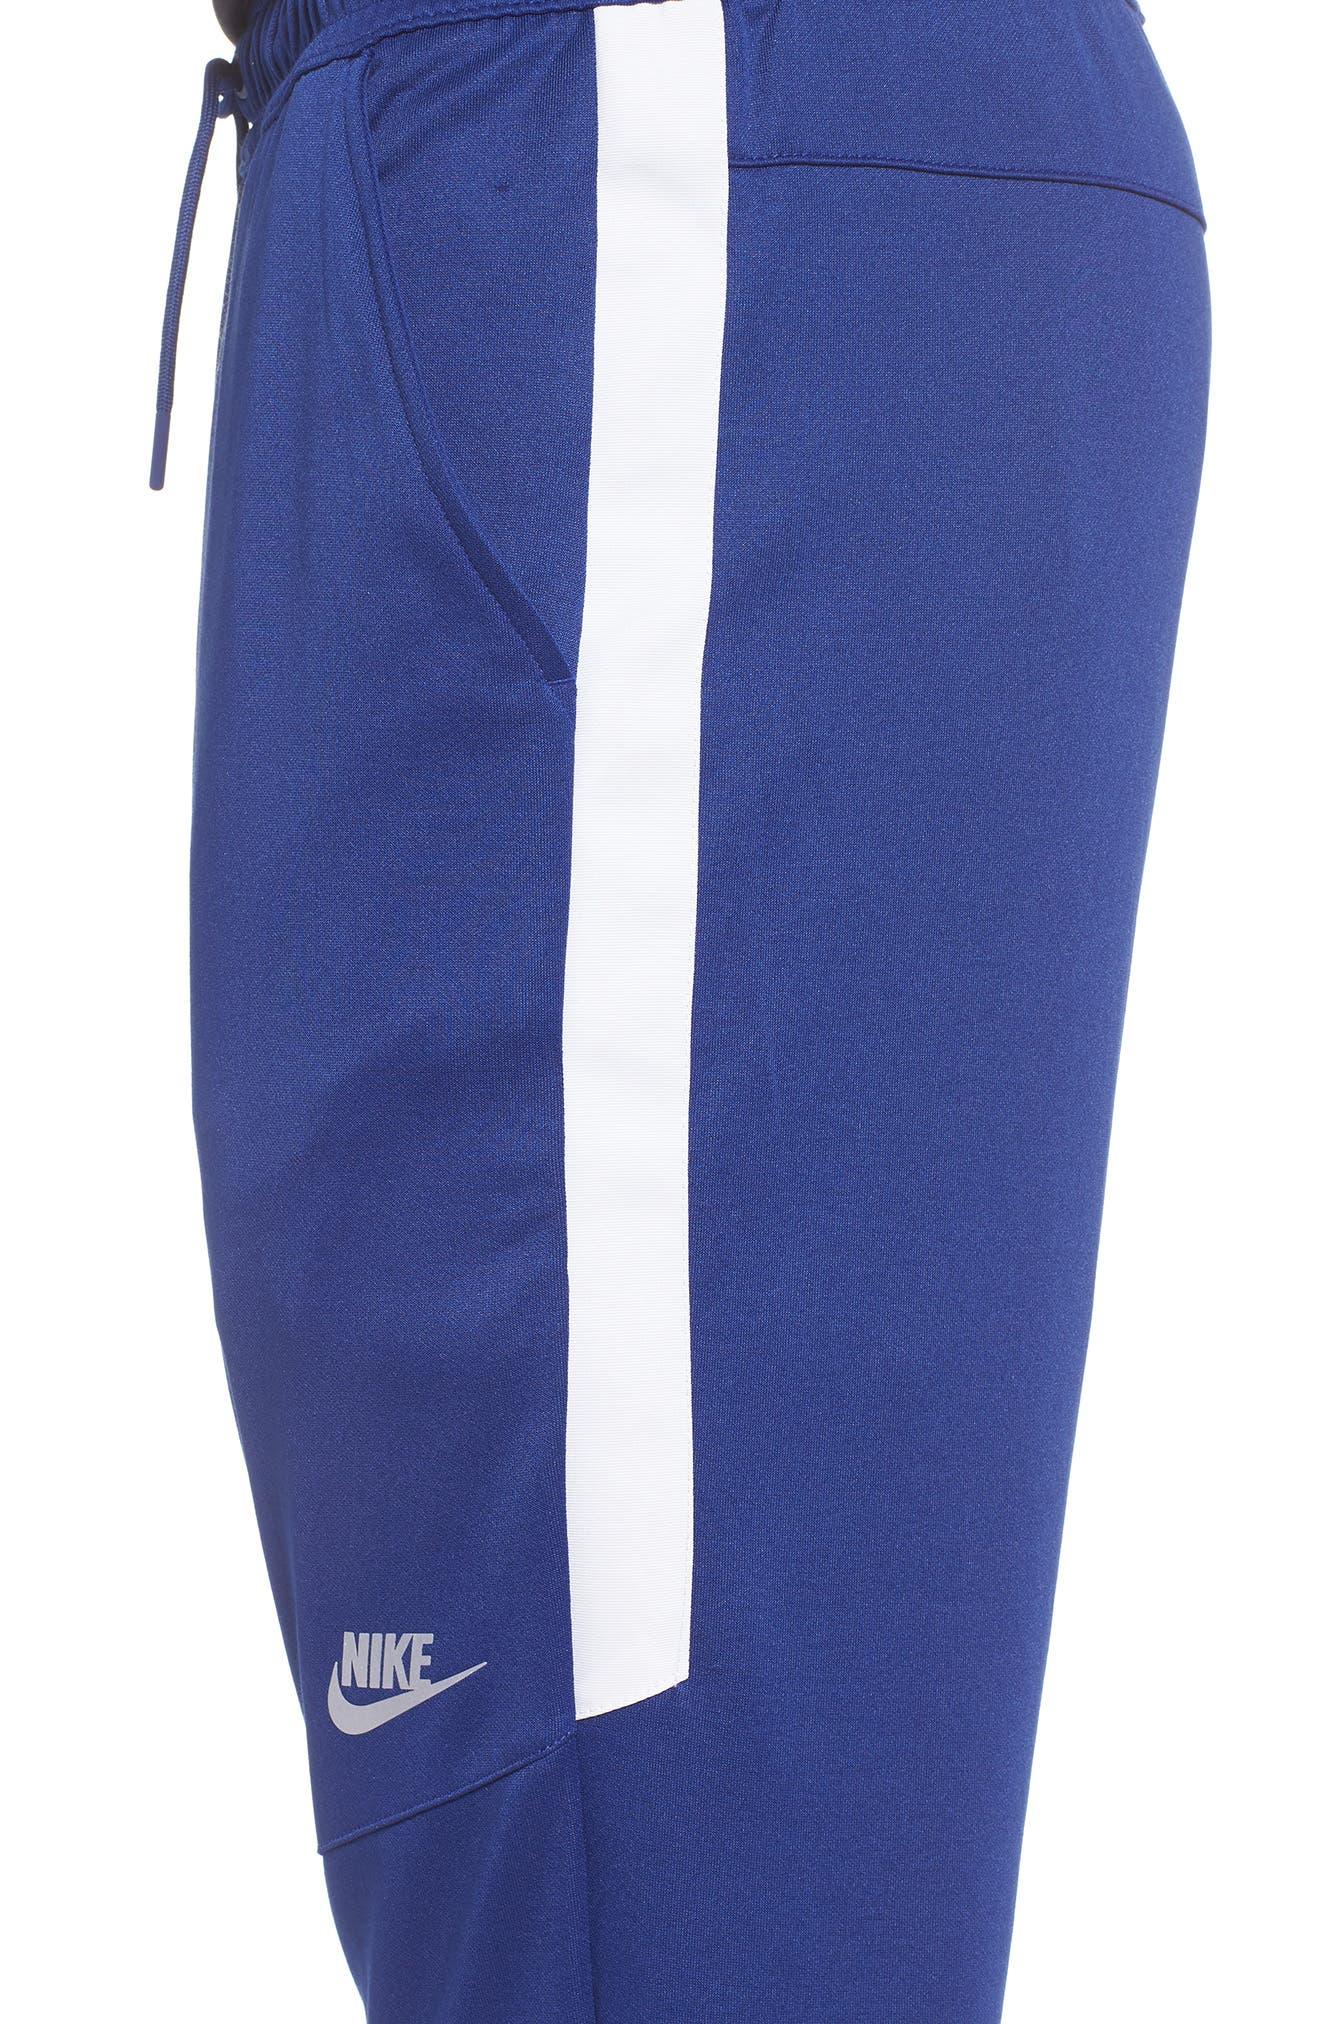 Tribute Jogger Pants,                             Alternate thumbnail 4, color,                             Deep Royal Blue/ White/ White